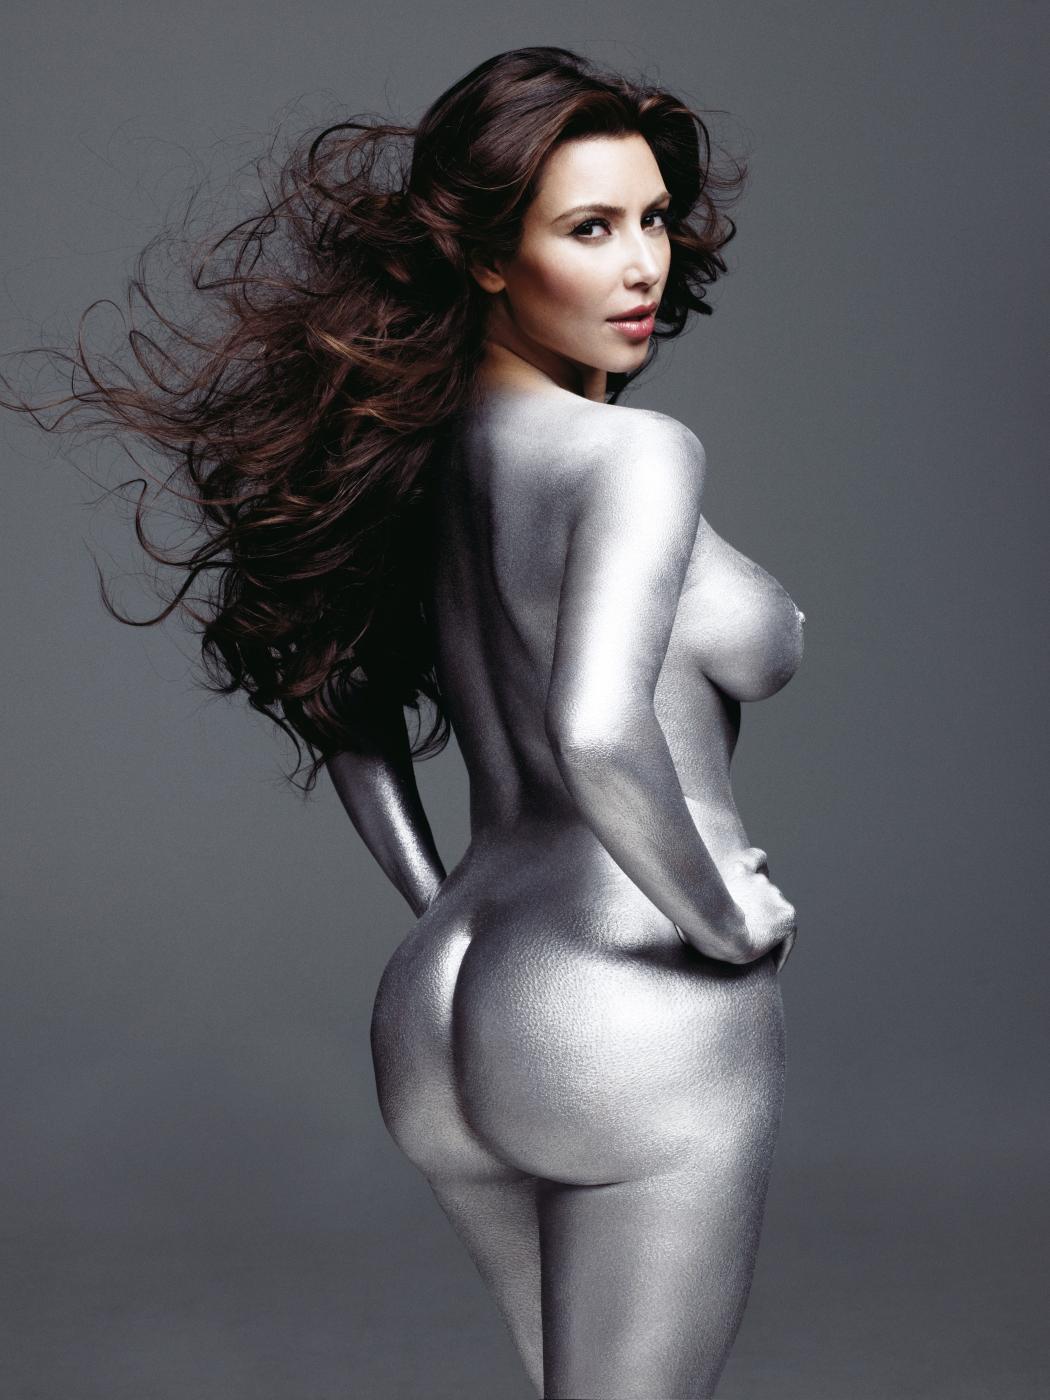 Kim Kardashian Nude Body Paint Photoshoot Leaked Urswge